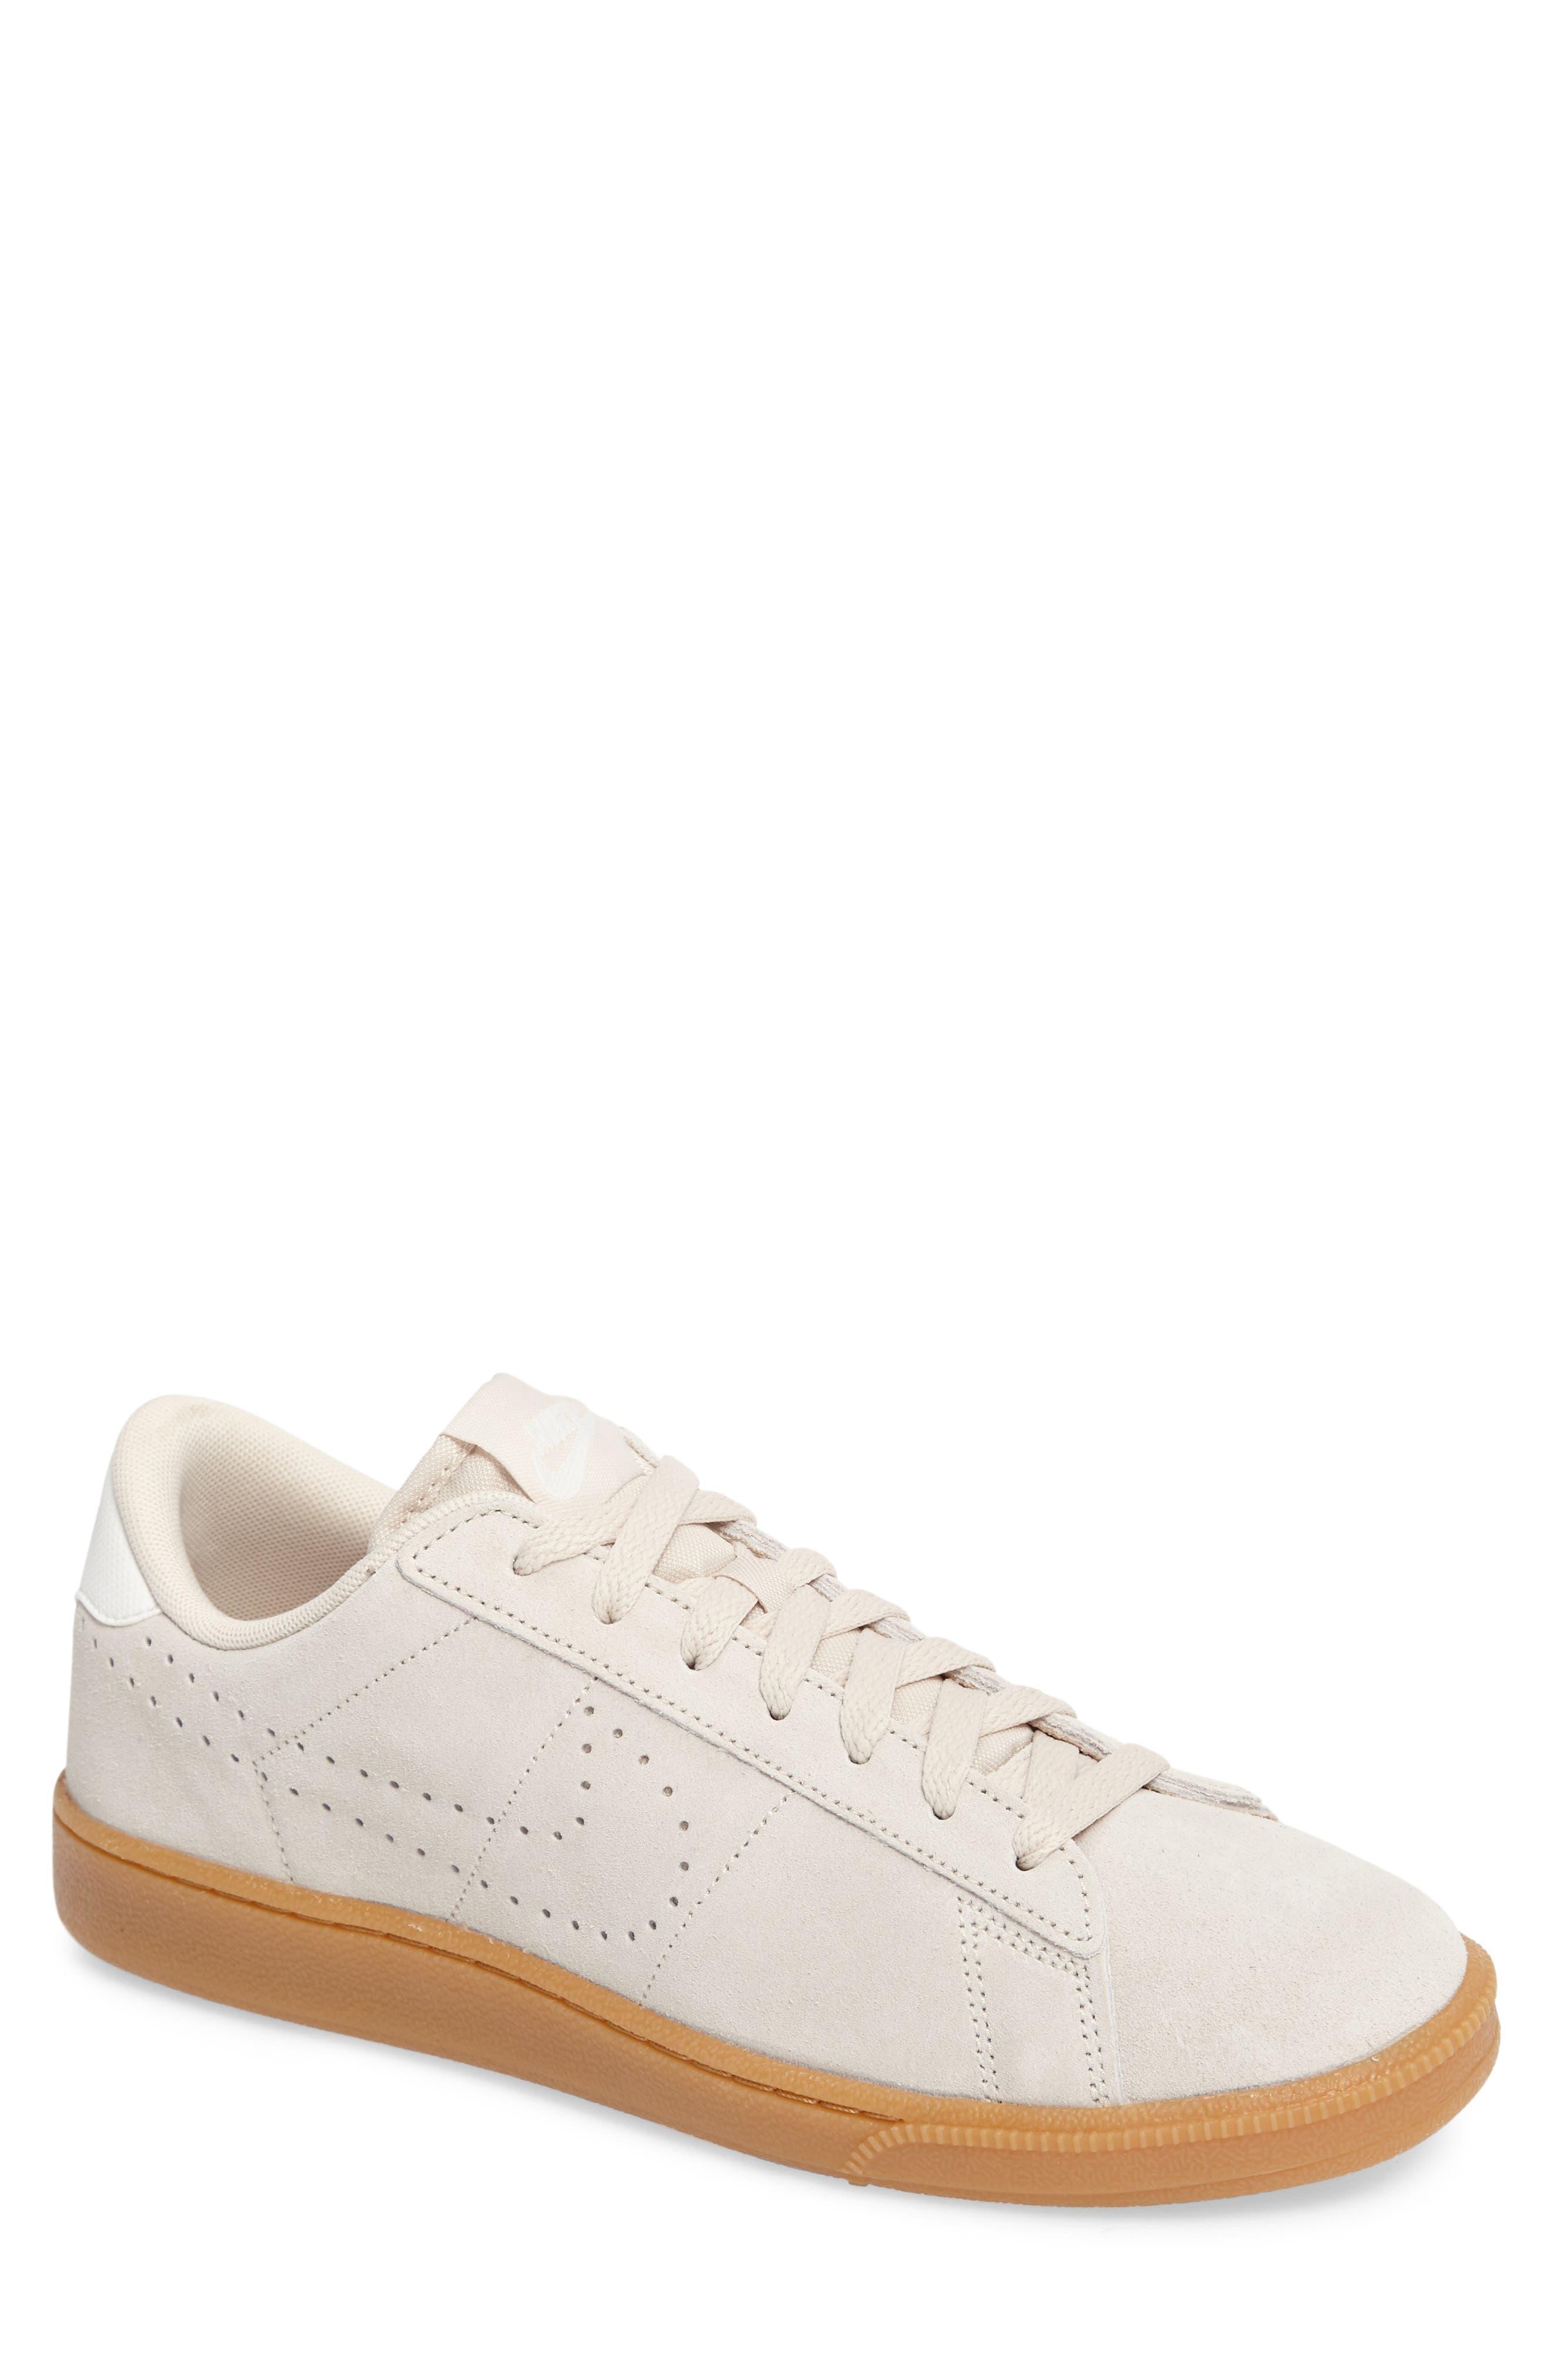 Alternate Image 1 Selected - Nike 'Tennis Classic' Sneaker (Men)